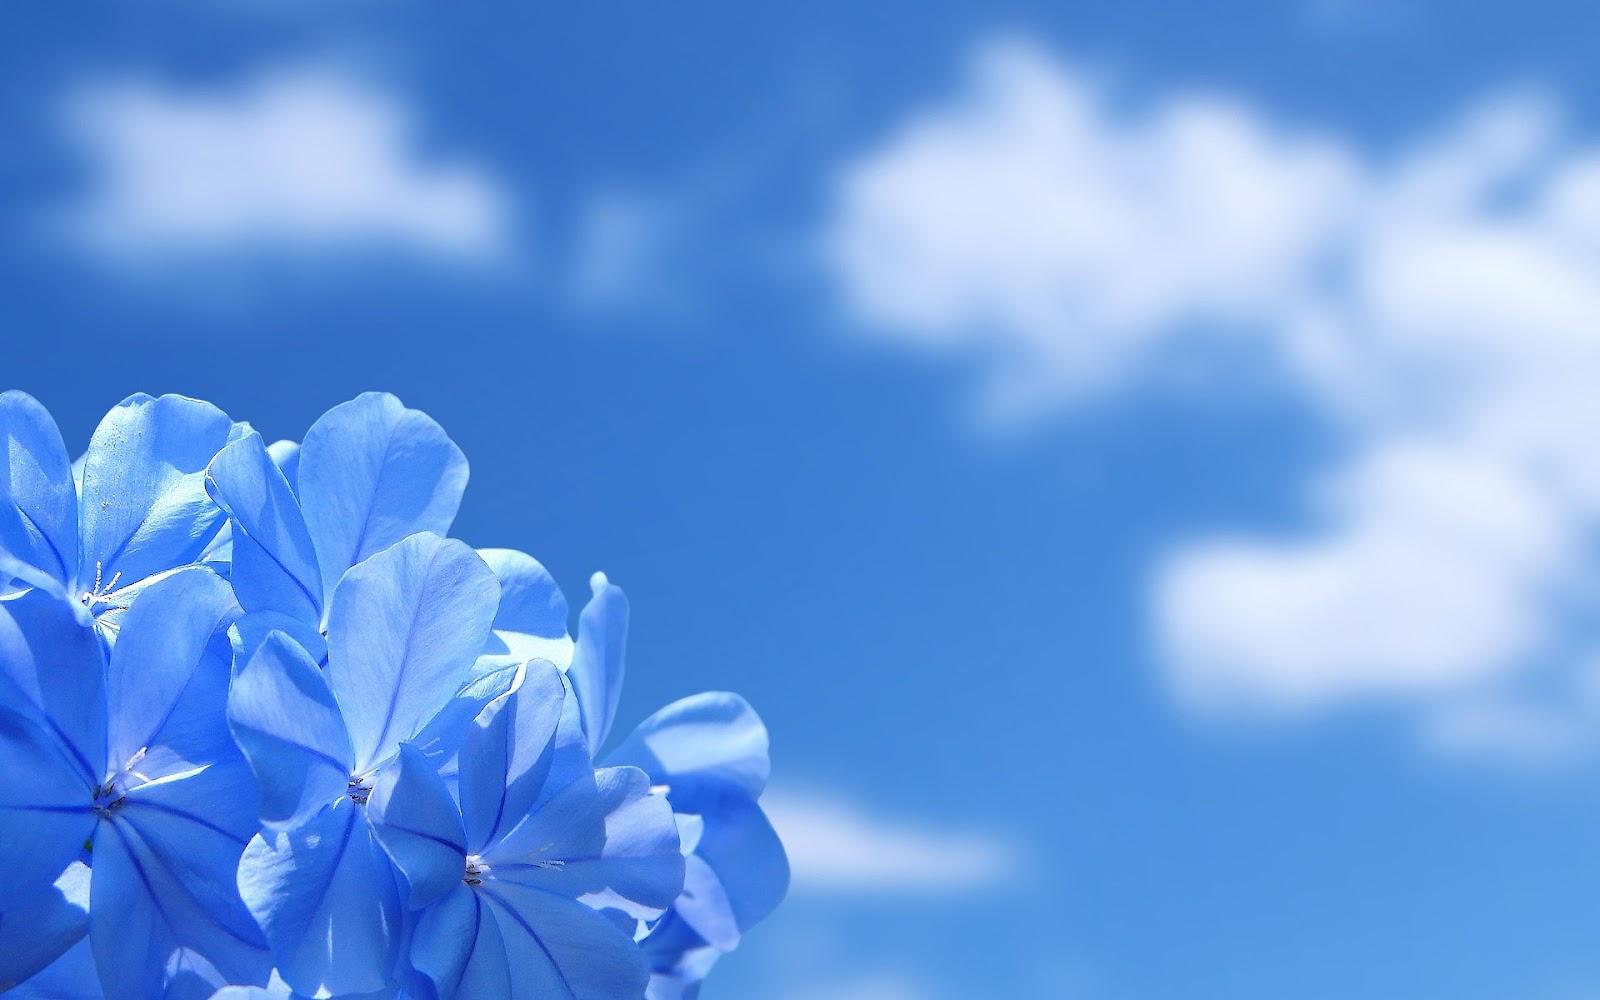 http://4.bp.blogspot.com/-siY3bnUza9g/T5Iwys9xwzI/AAAAAAAAA_A/Ii-OKWzCokk/s1600/Best-top-desktop-flowers-wallpapers-hd-flowers-wallpaper-picture-image-background-10.jpg